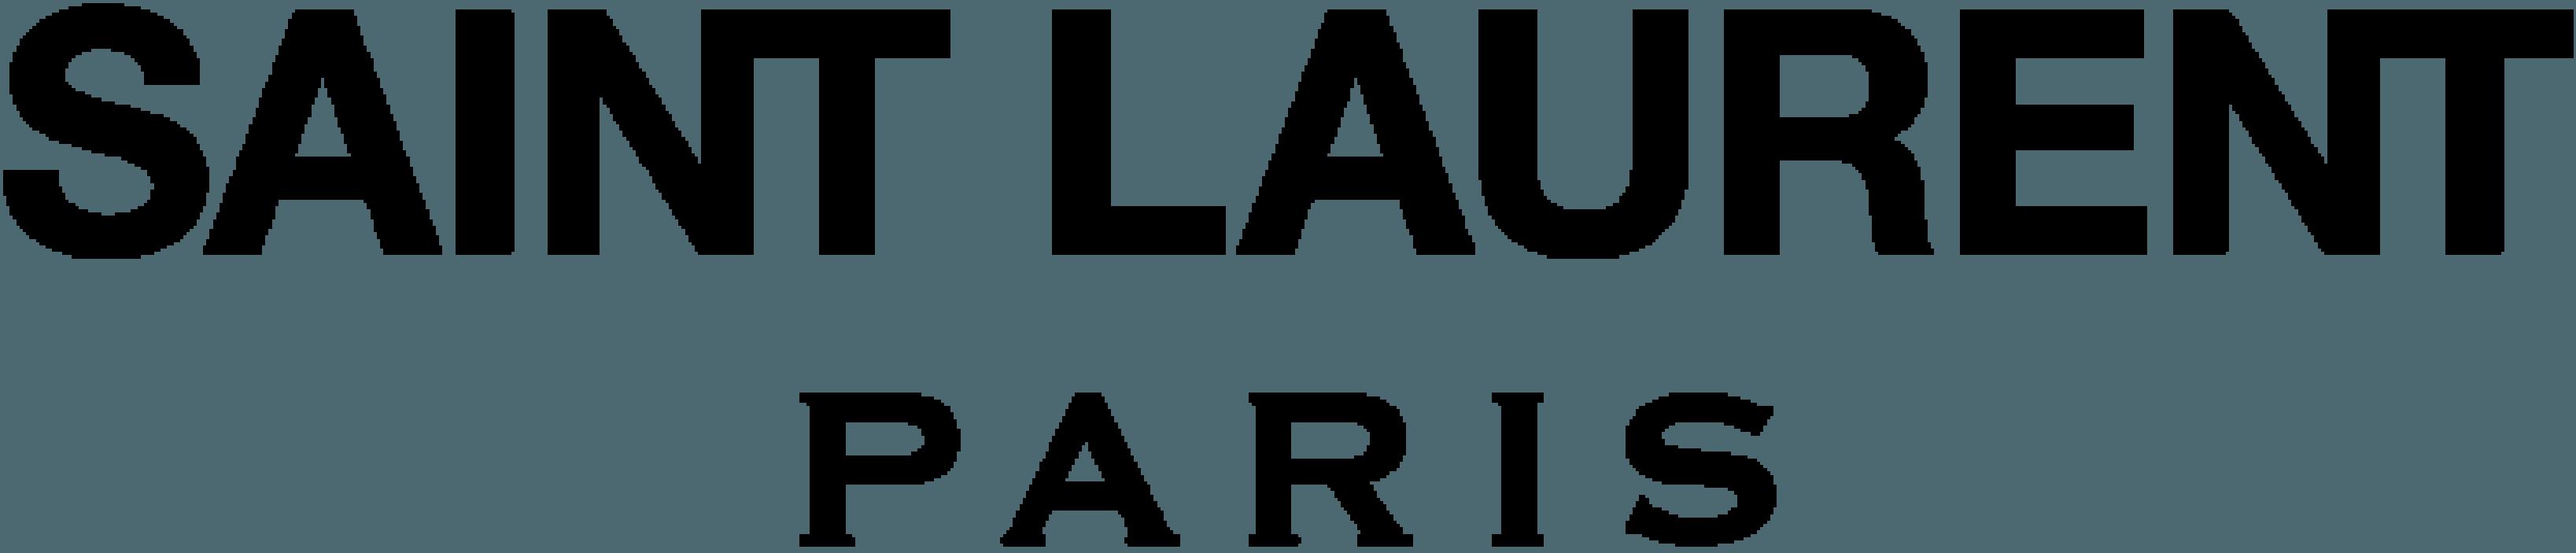 Saint Laurent Logo png